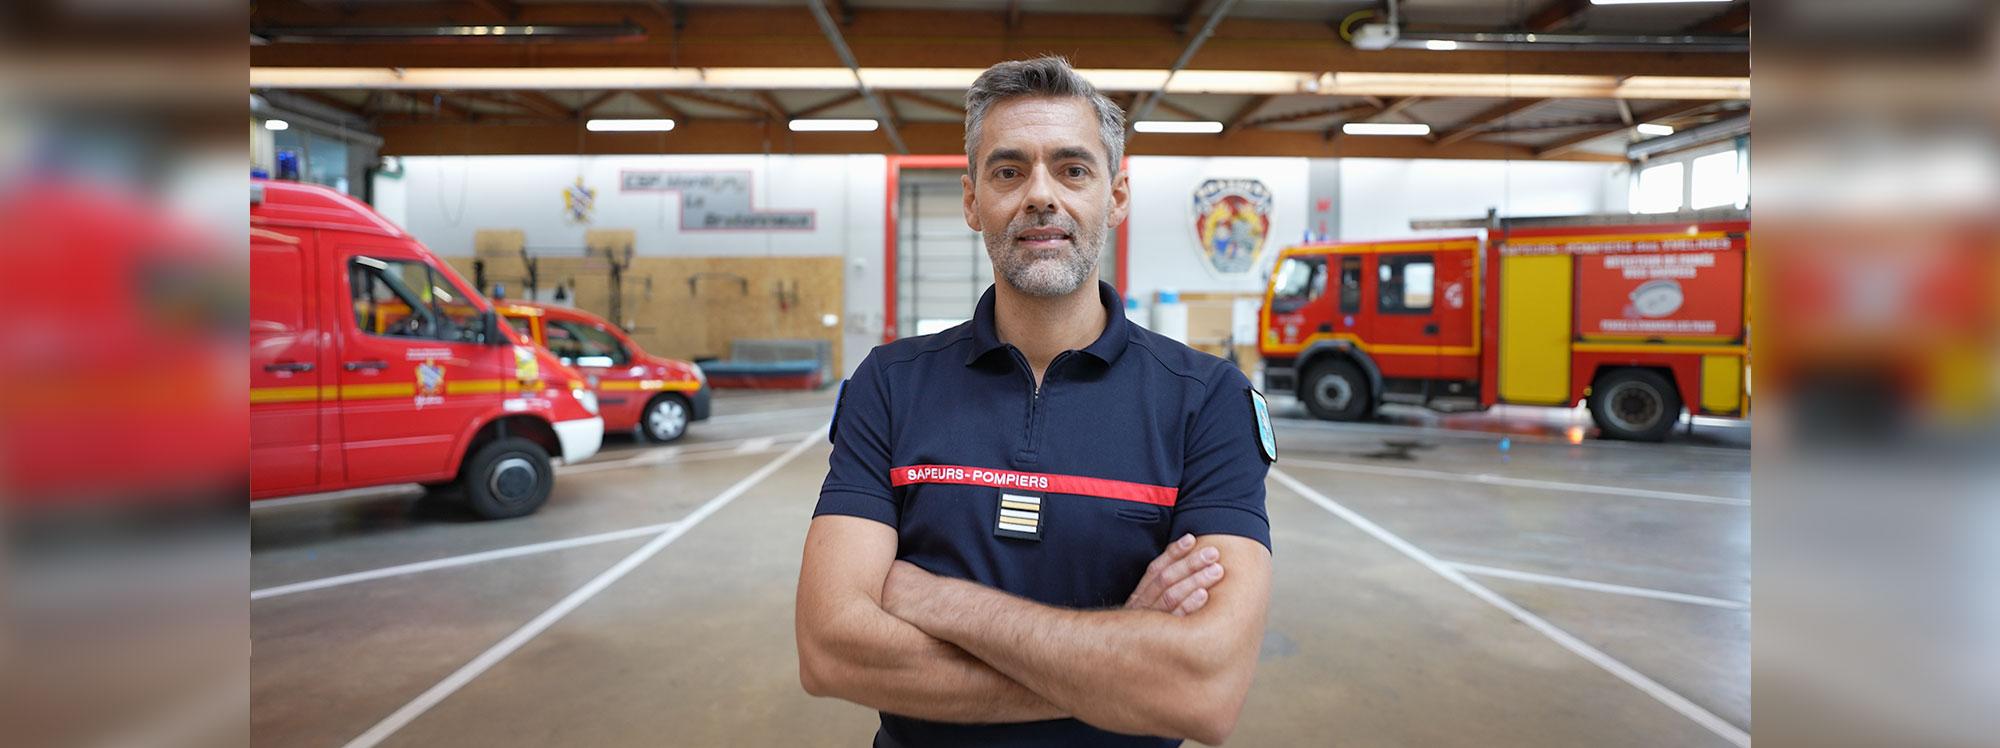 Vehículos Renault más seguros gracias a este bombero